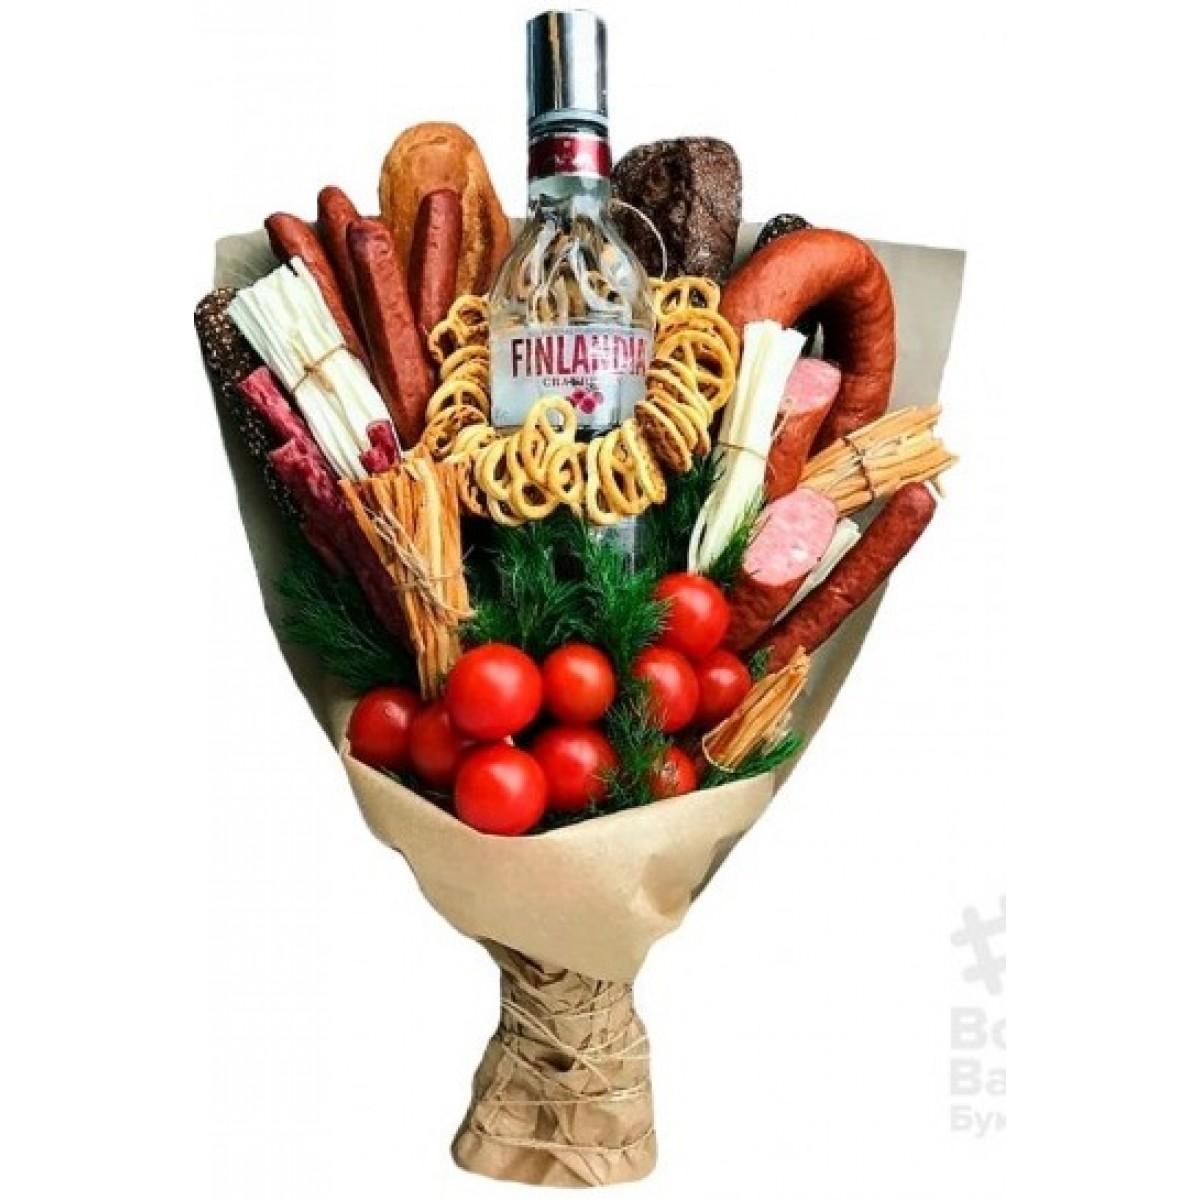 Мъжки букет с водка Финландия, колбаси и зеленчуци